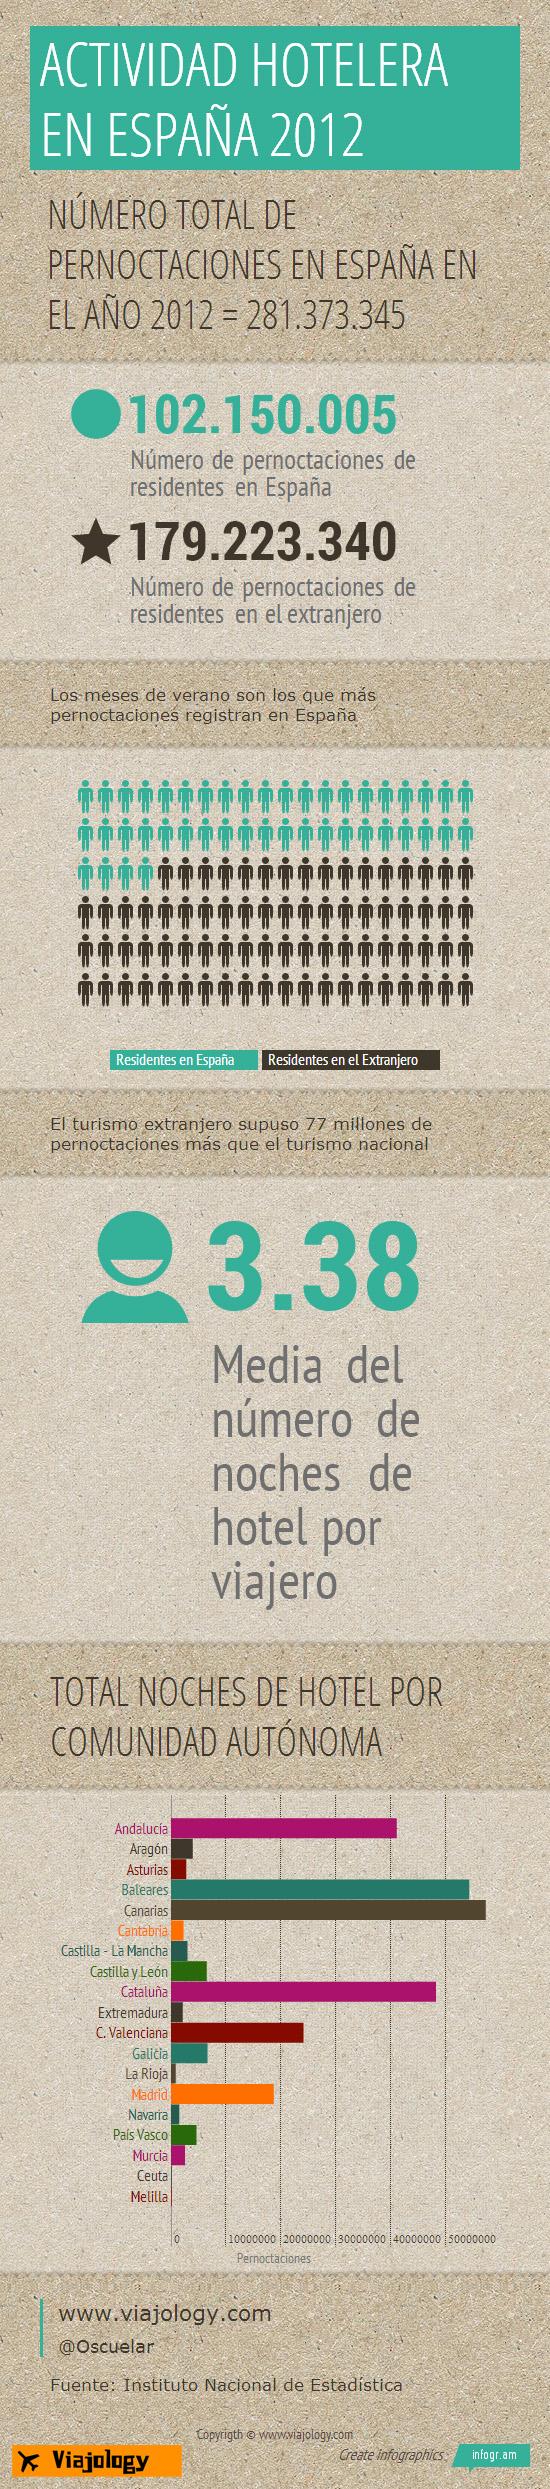 Actividad hotelera en España 2012